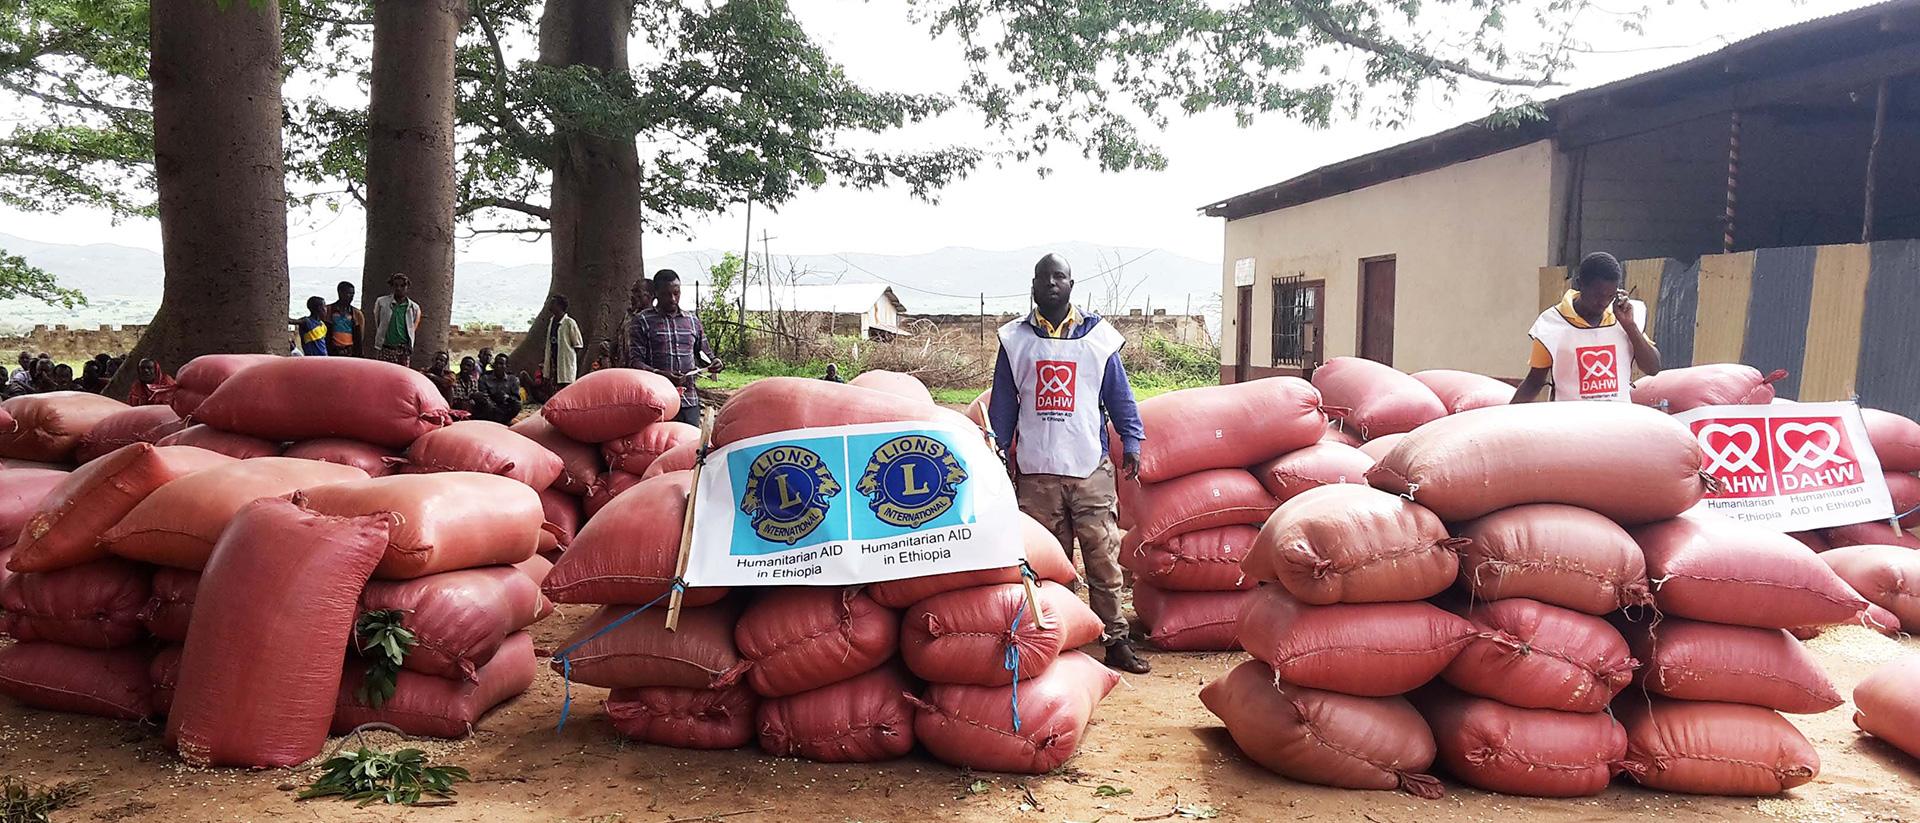 Humanitarian AID in Ethiopia - Rationsverteilung